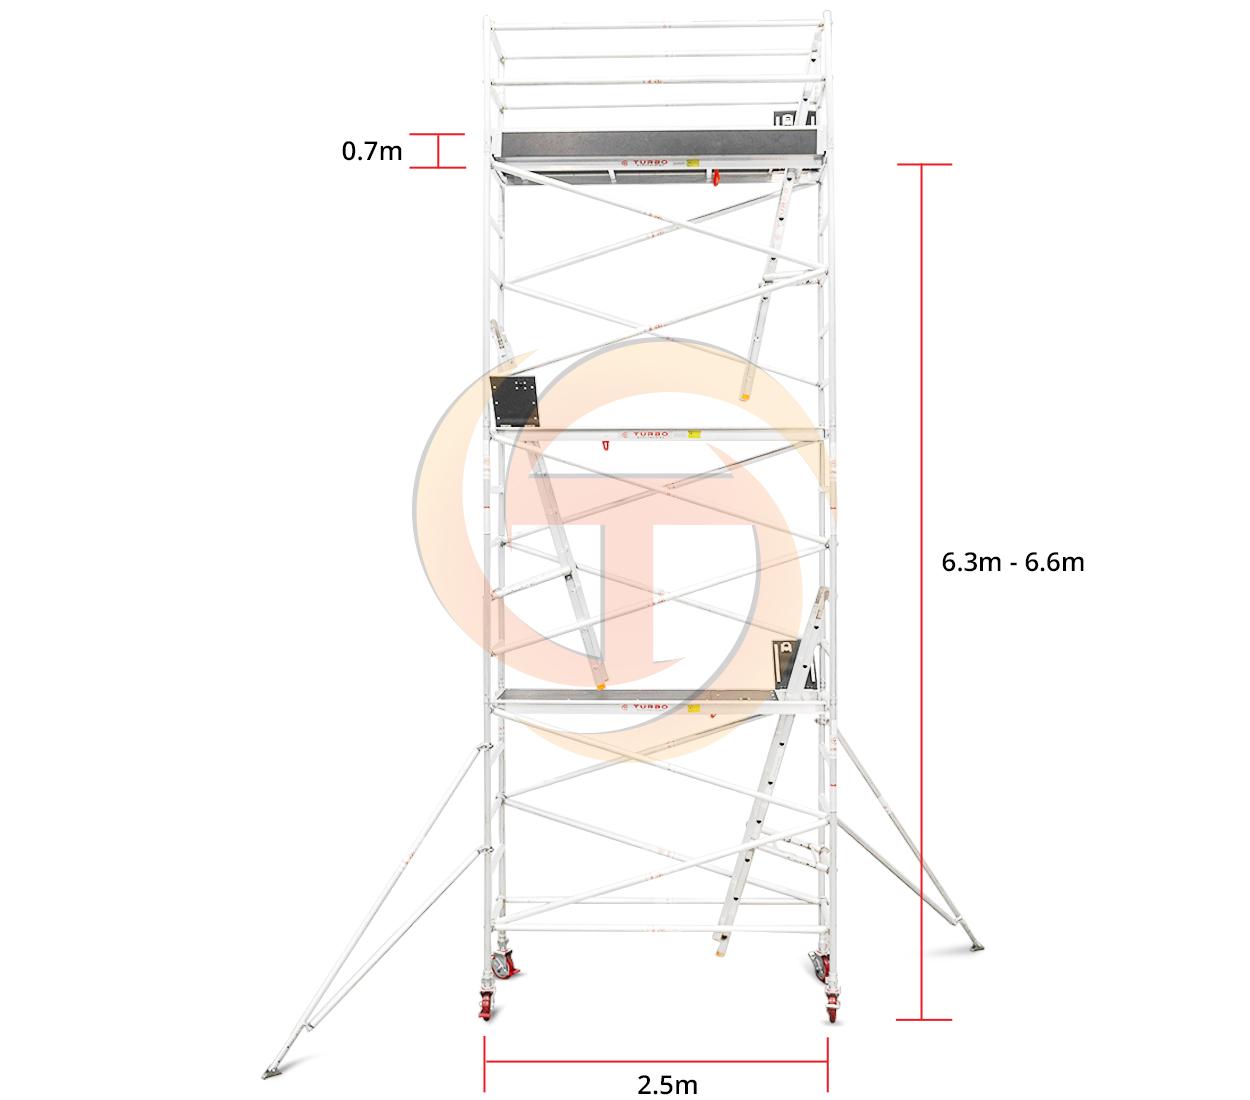 6.3m – 6.6m Narrow Aluminium Mobile Tower (Standing Height)